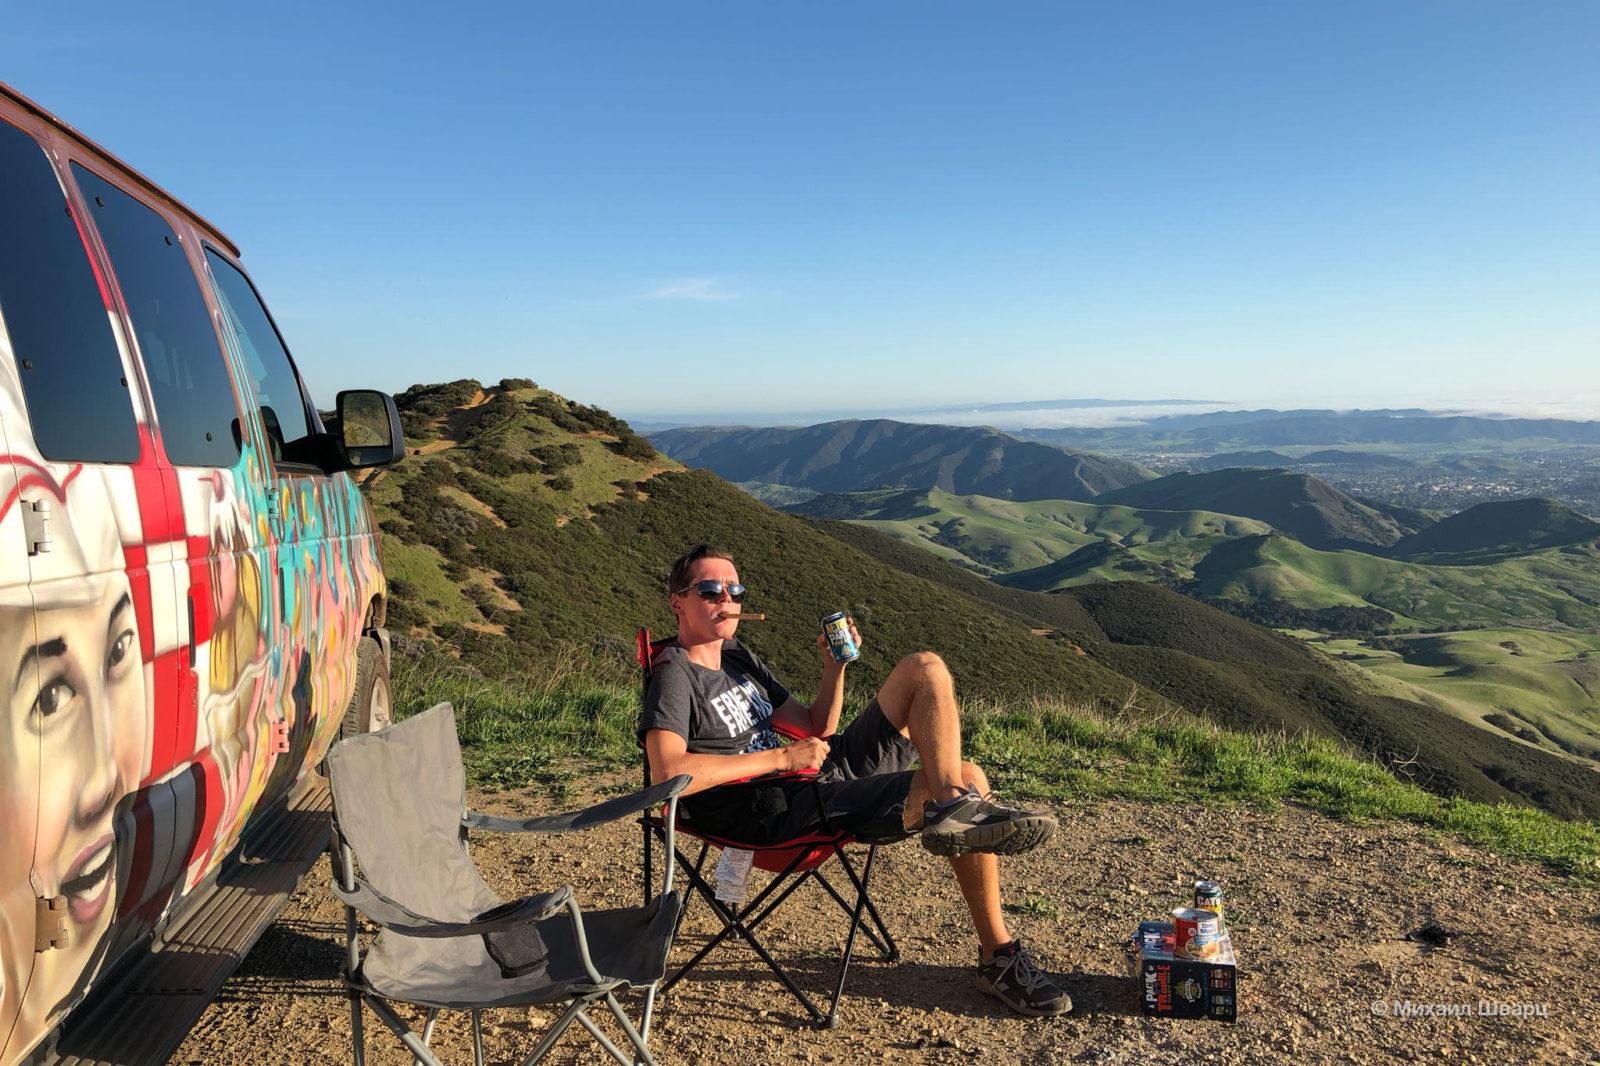 В горах с видом на океан вLos Padres National Forest